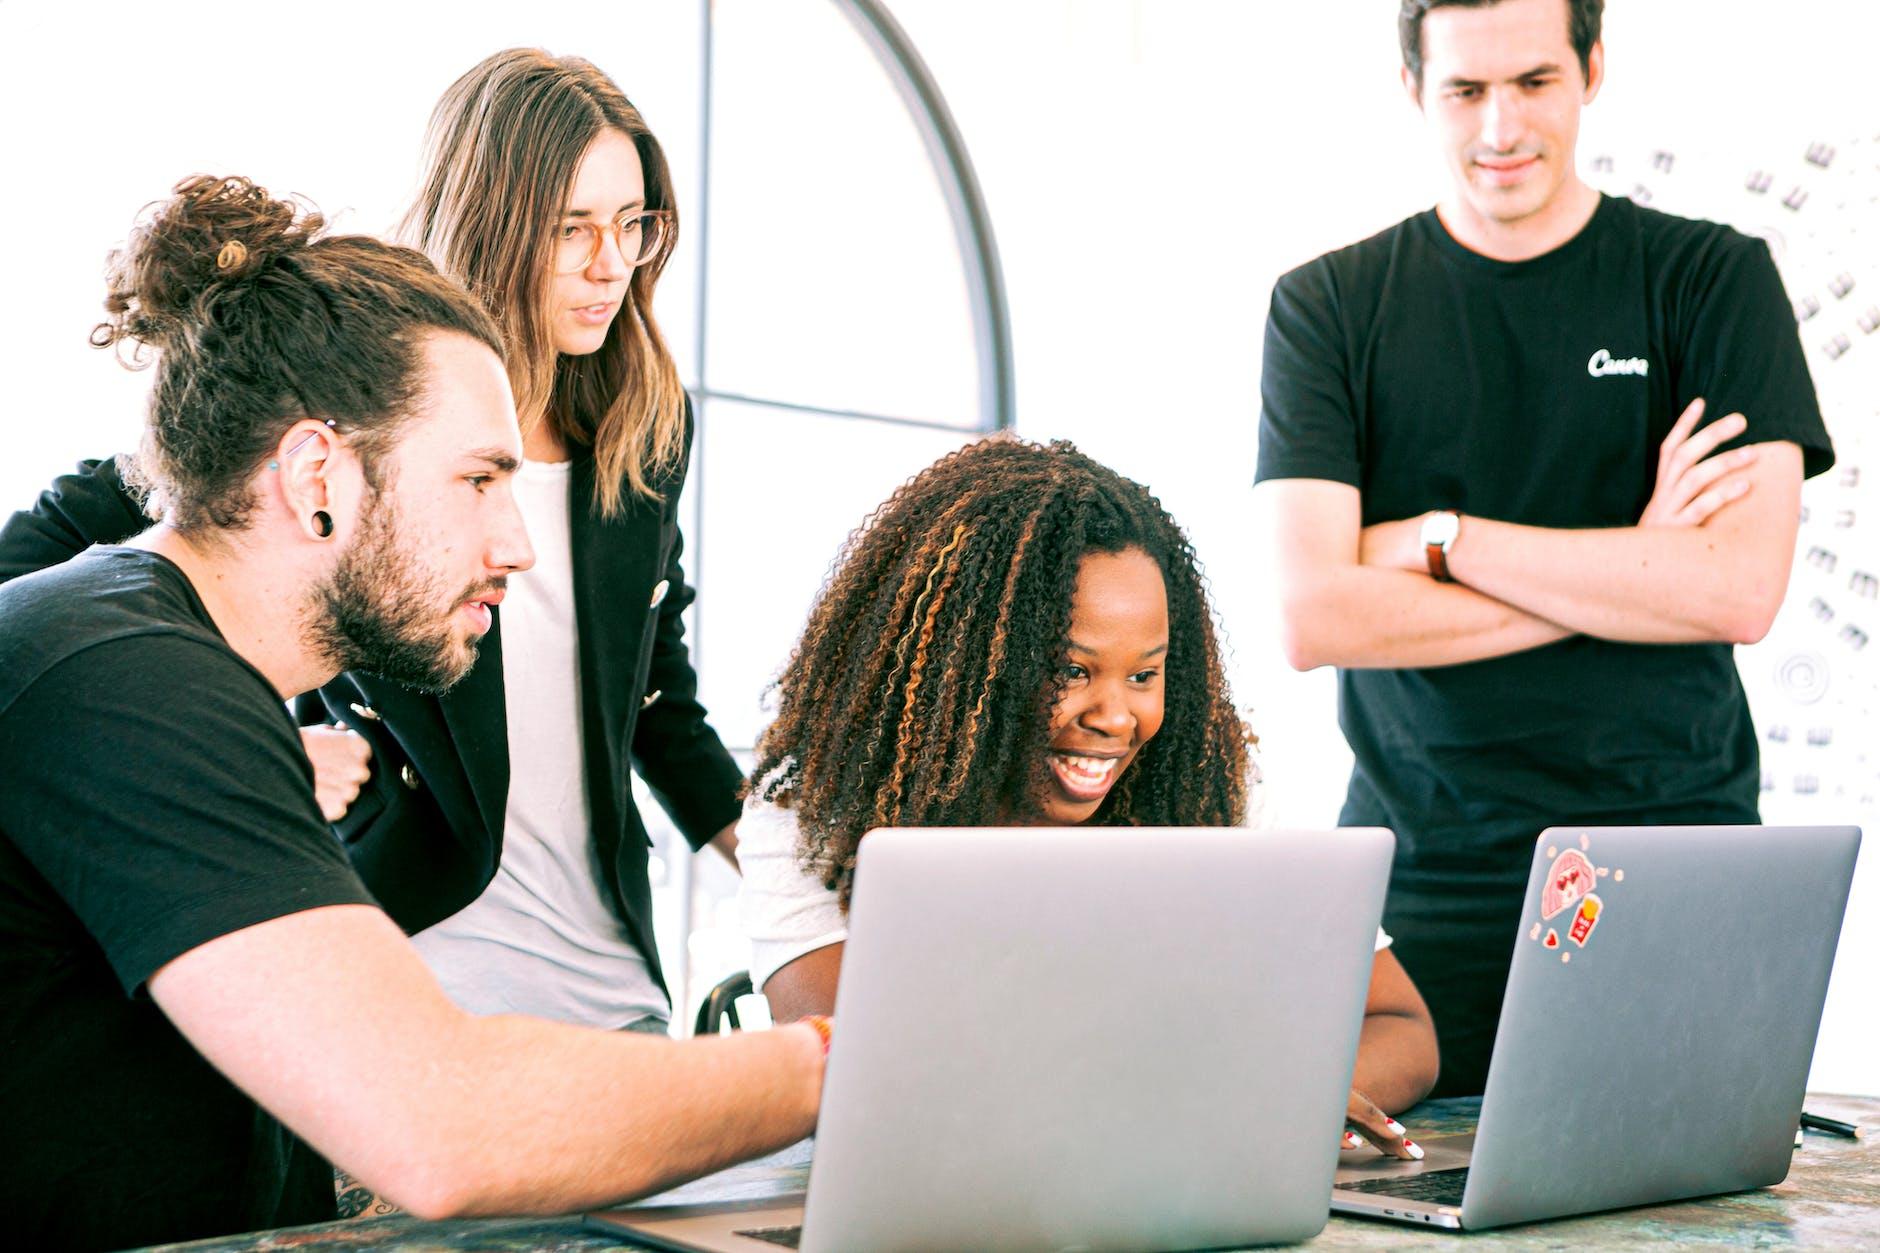 Equipe trabalhando com computadores | TIM Planos Empresas